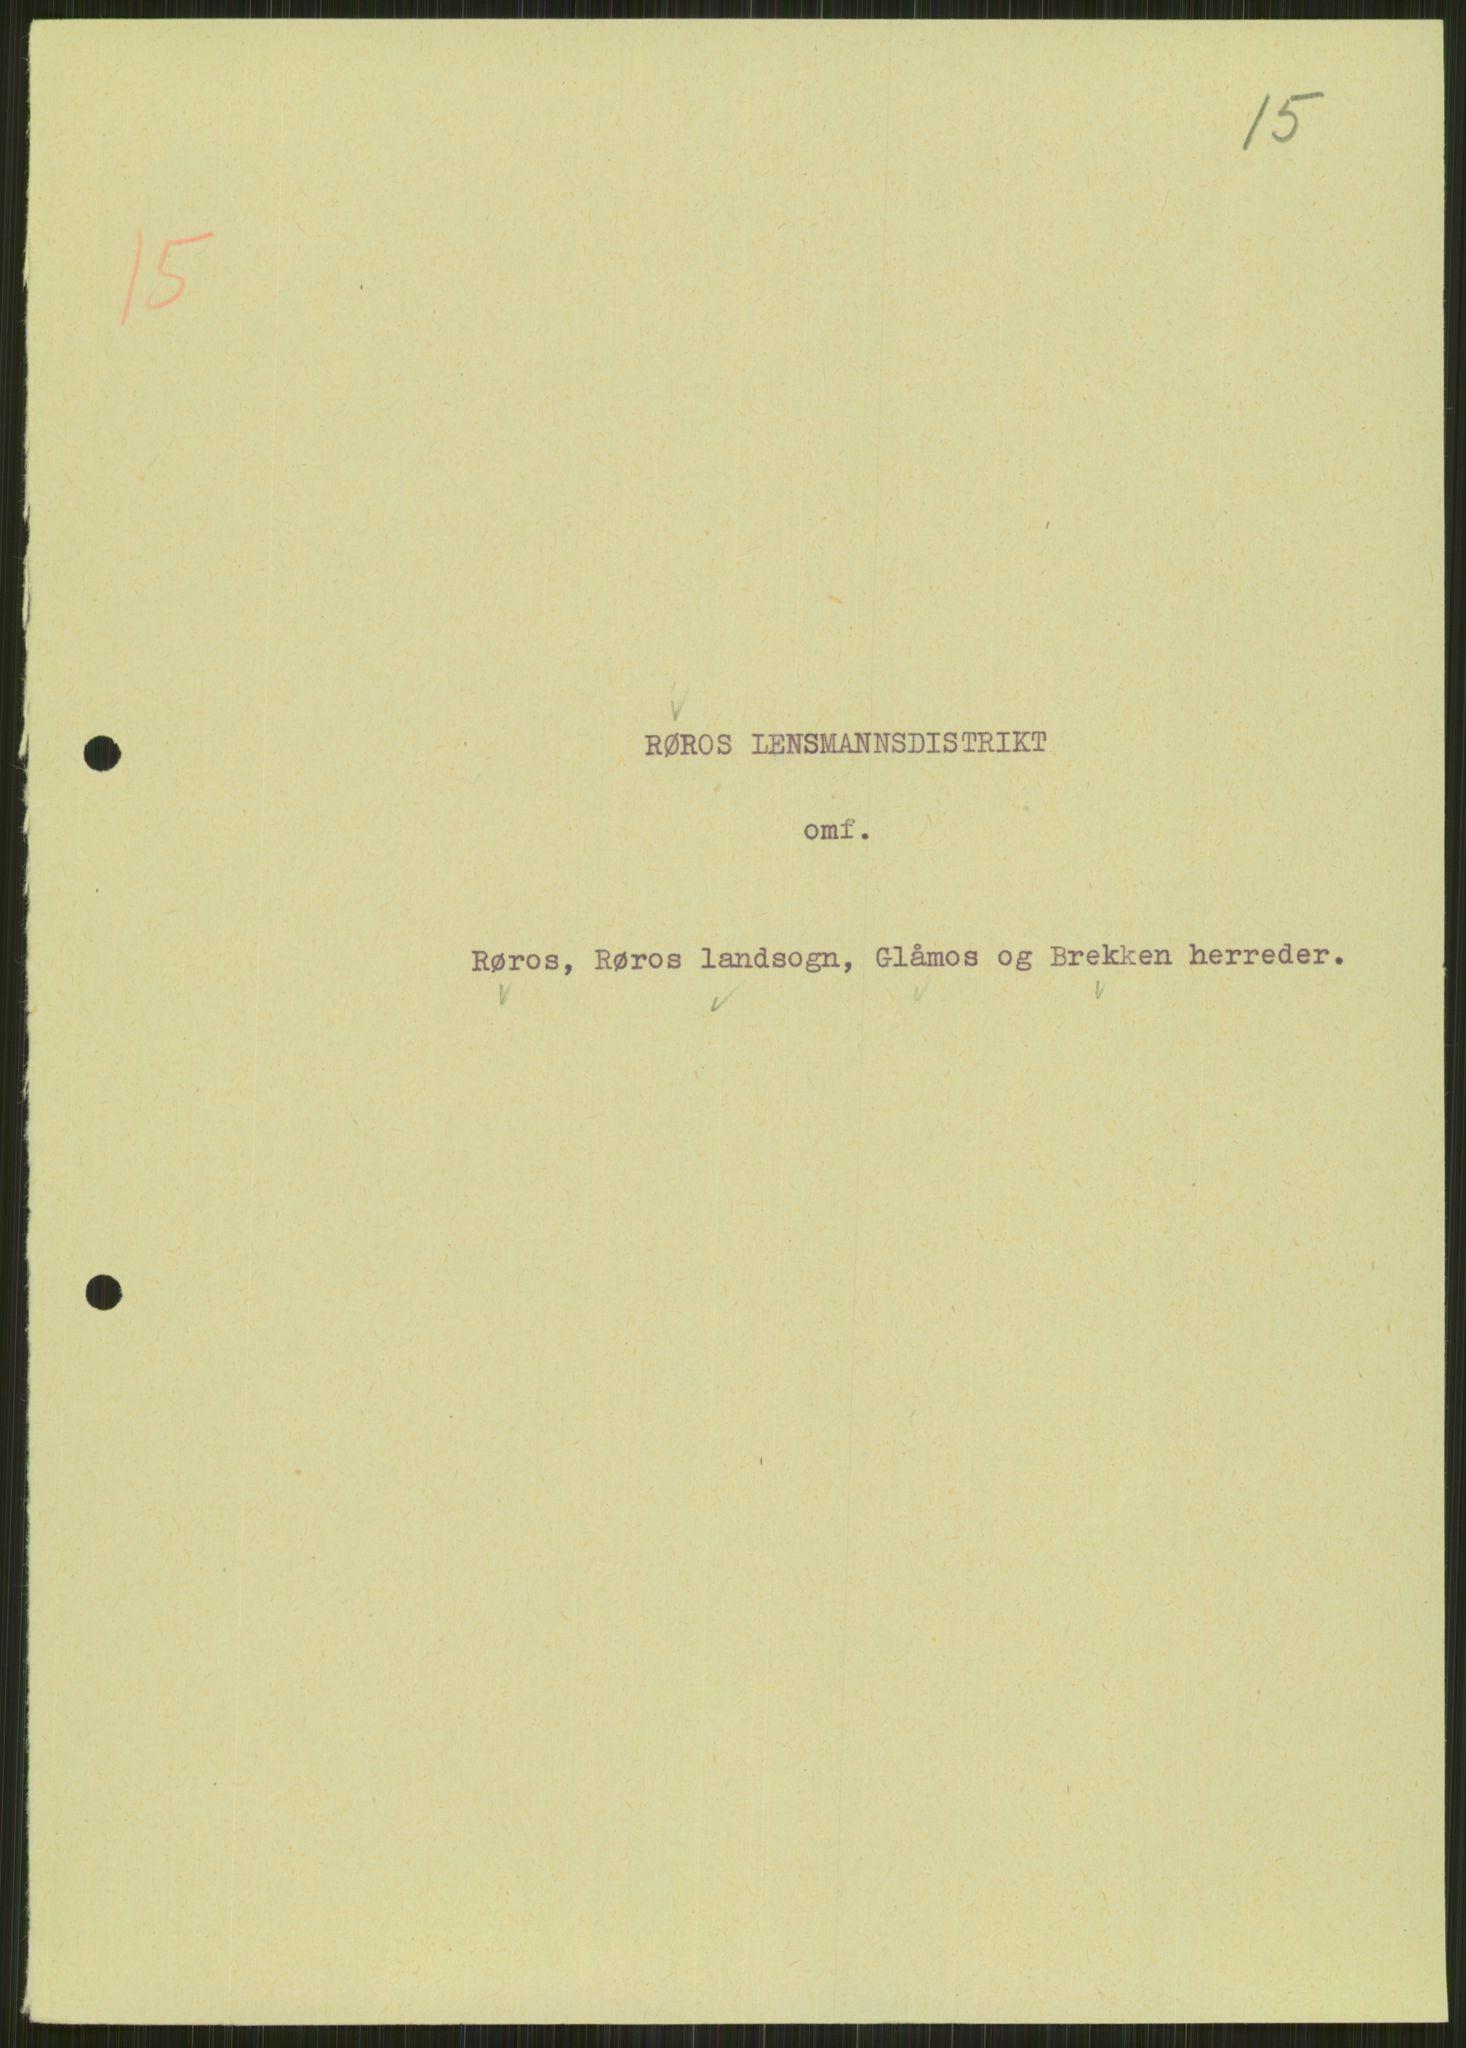 RA, Forsvaret, Forsvarets krigshistoriske avdeling, Y/Ya/L0016: II-C-11-31 - Fylkesmenn.  Rapporter om krigsbegivenhetene 1940., 1940, p. 101